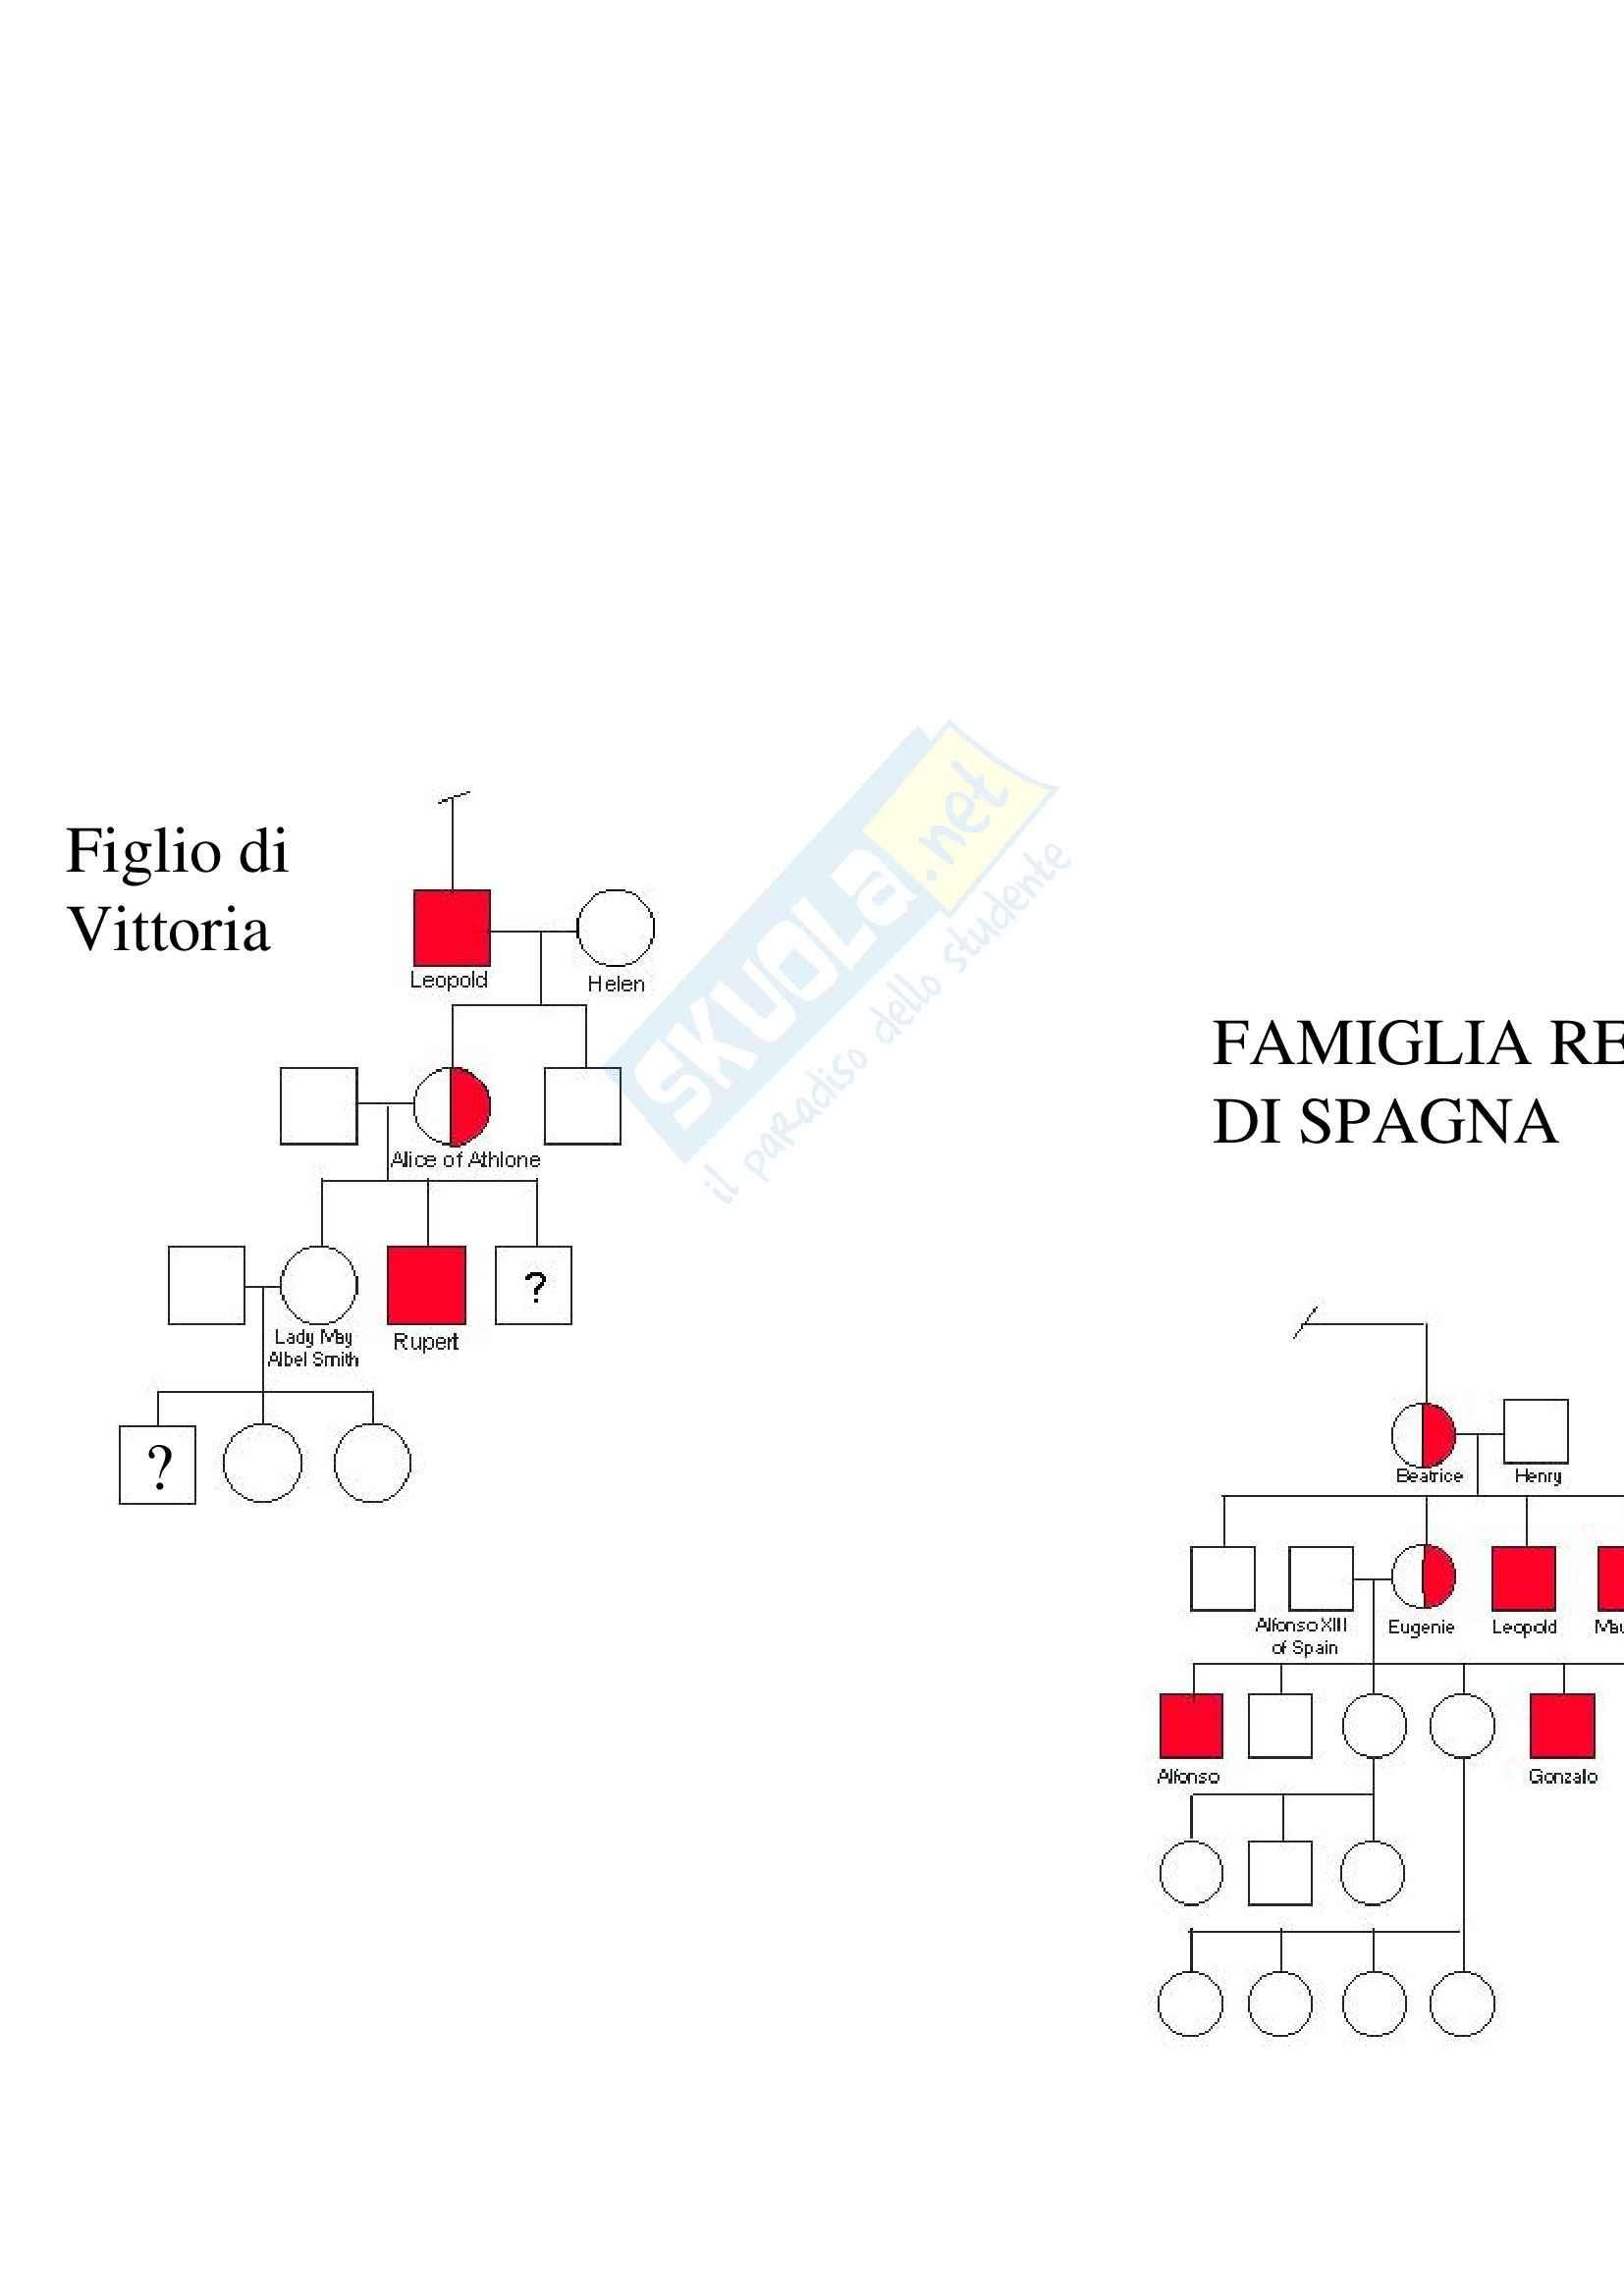 Biologia molecolare - malattie X-Linked recessive Pag. 26